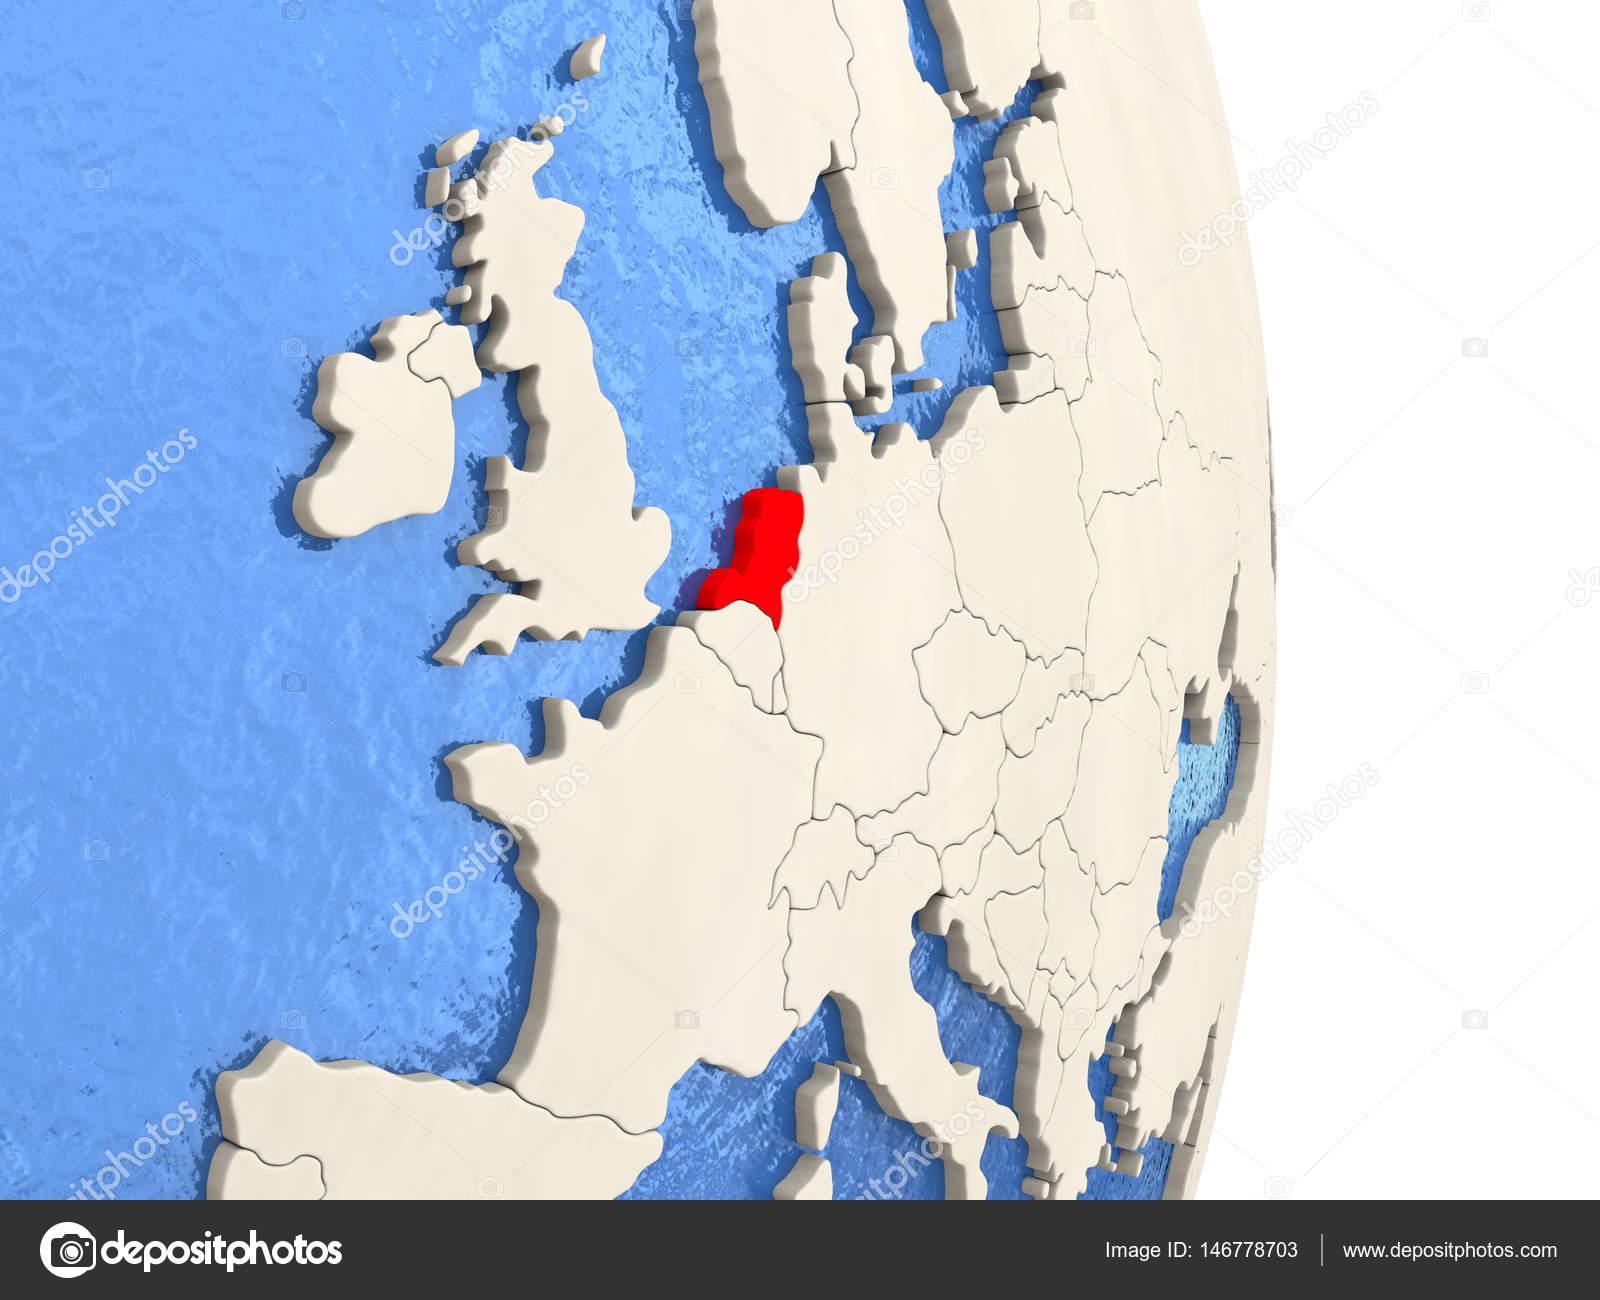 Niederlande Karte Welt.Niederlande Nach Vorbild Der Politischen Welt Stockfoto